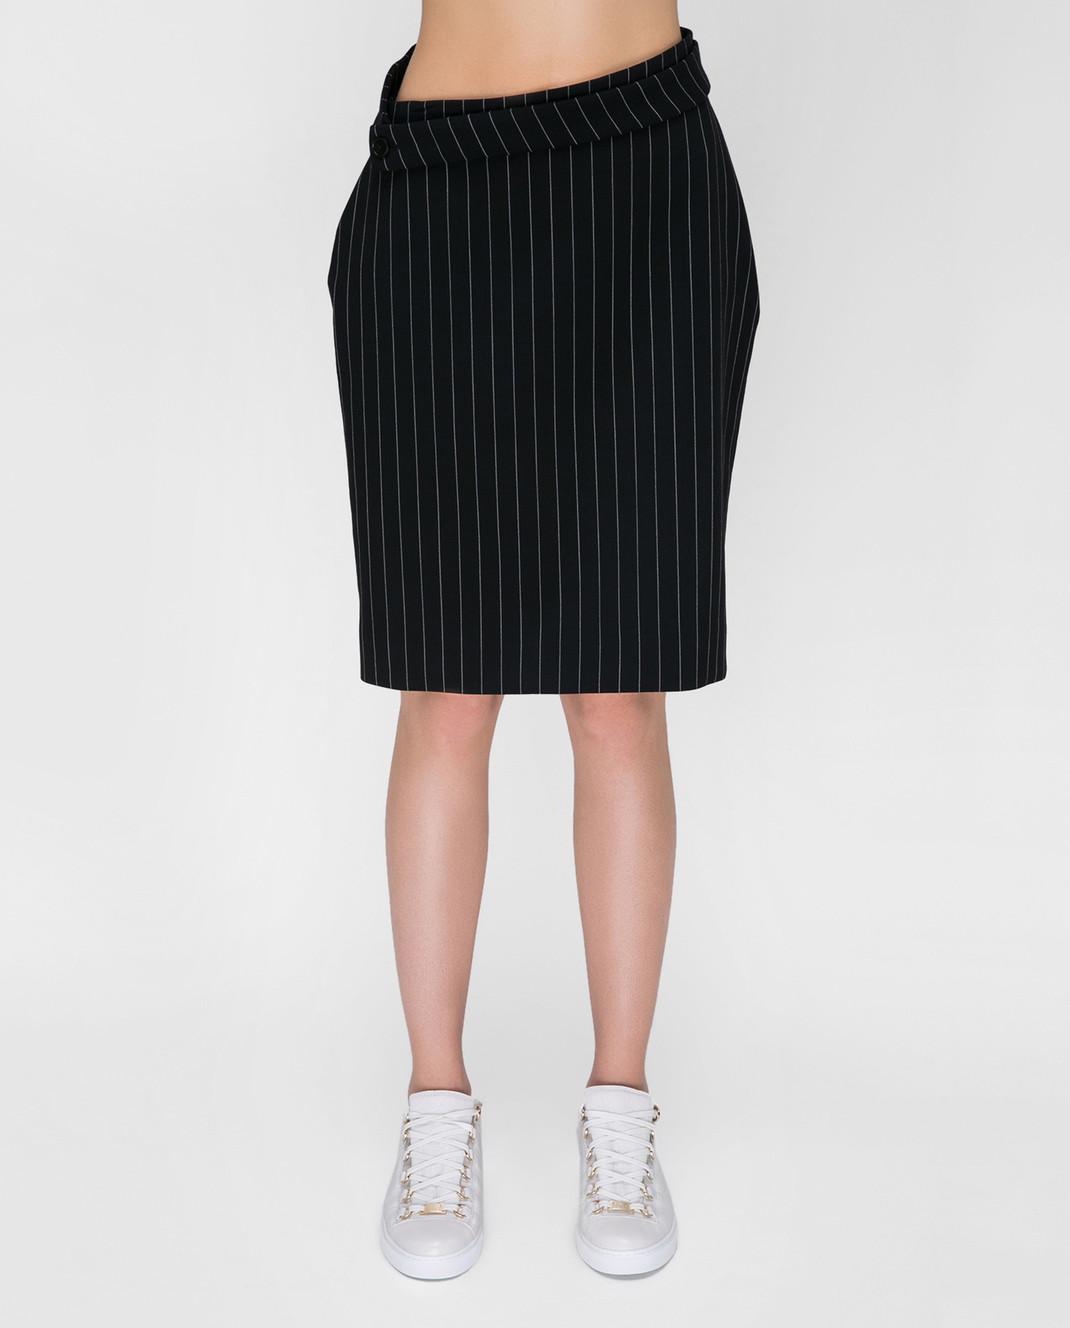 Balenciaga Черная юбка 471020 изображение 3